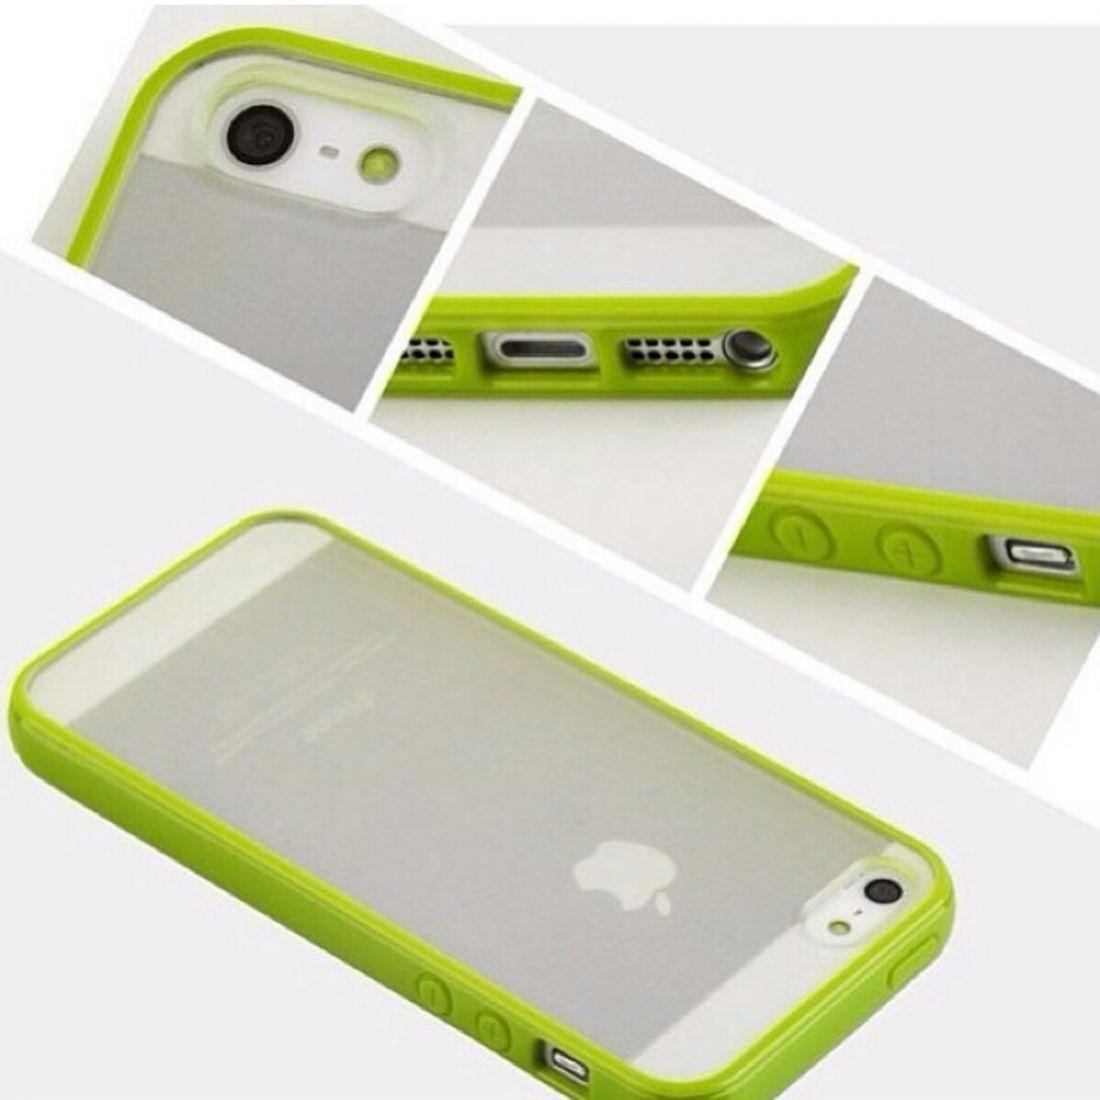 Чехлы для iphone 5/5s - бампера с прозрачной крышкой (желтый)